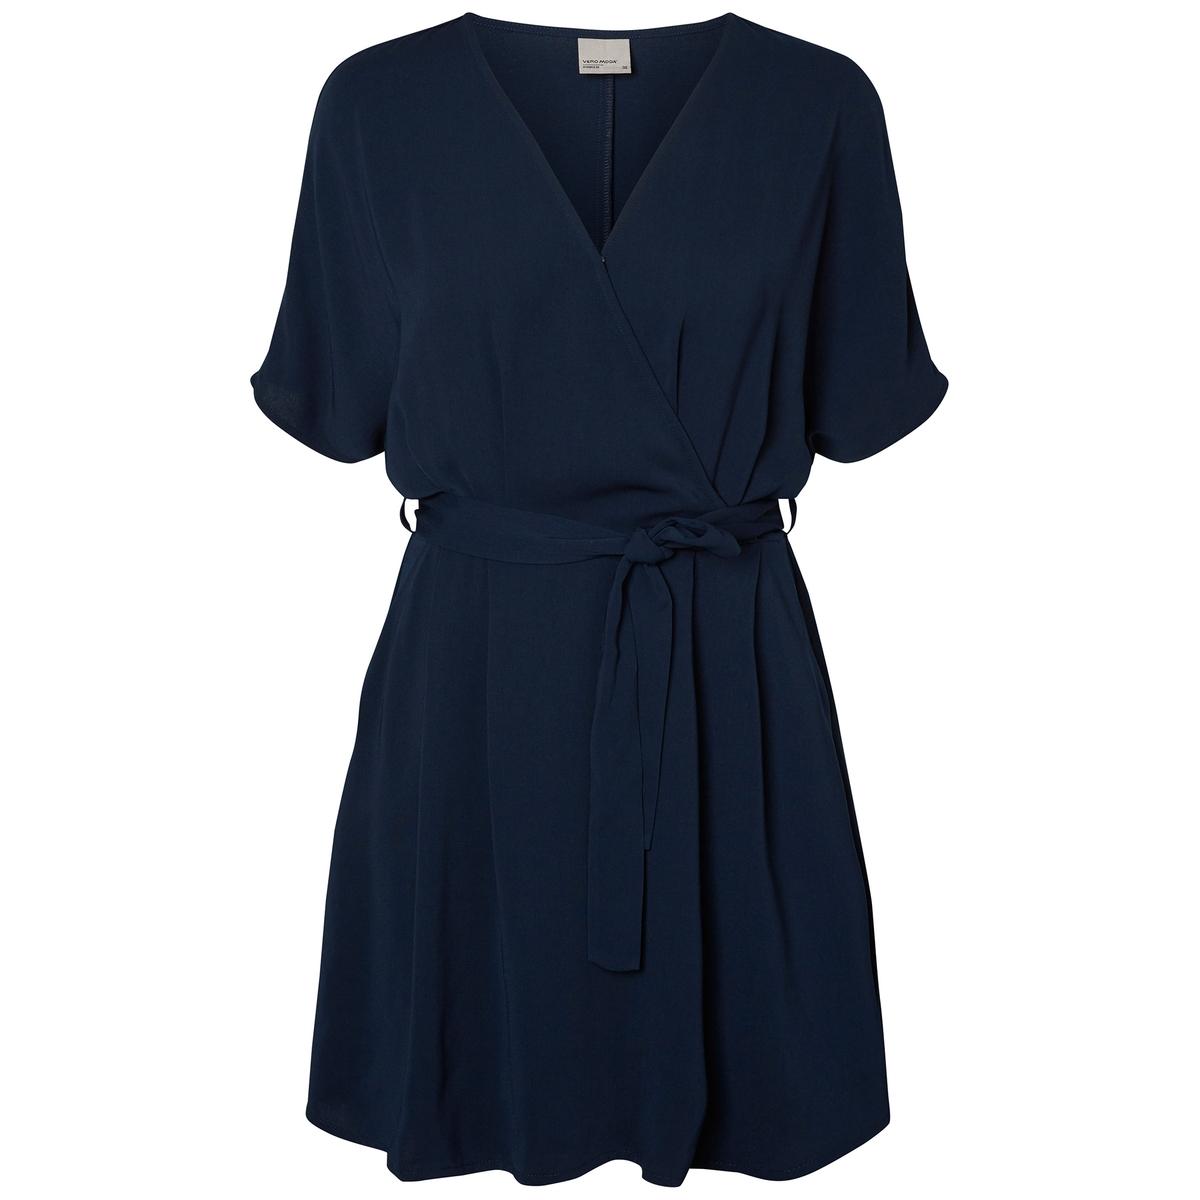 Платье короткое с короткими рукавамиОписание •  Форма : расклешенная •  короткое  •  Короткие рукава    •  Круглый вырезСостав и уход •  100% полиэстер  •  Следуйте рекомендациям по уходу, указанным на этикетке изделия<br><br>Цвет: хаки<br>Размер: XL